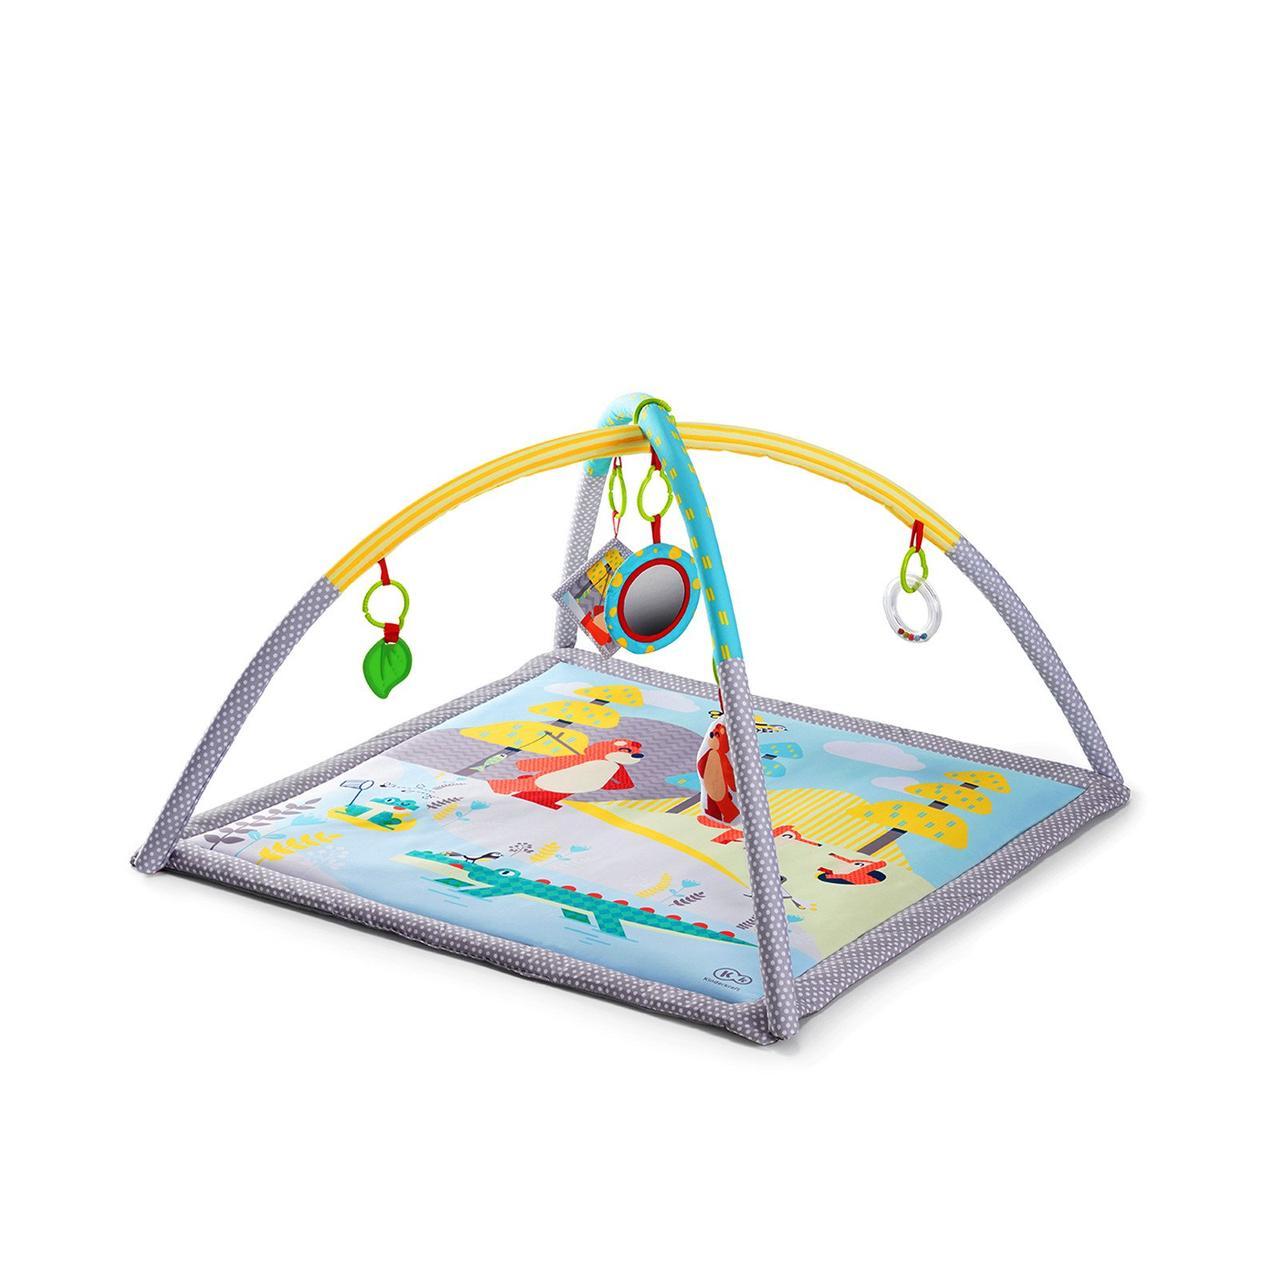 Развивающий коврик Kinderkraft Mily (KKZMILY0000000)